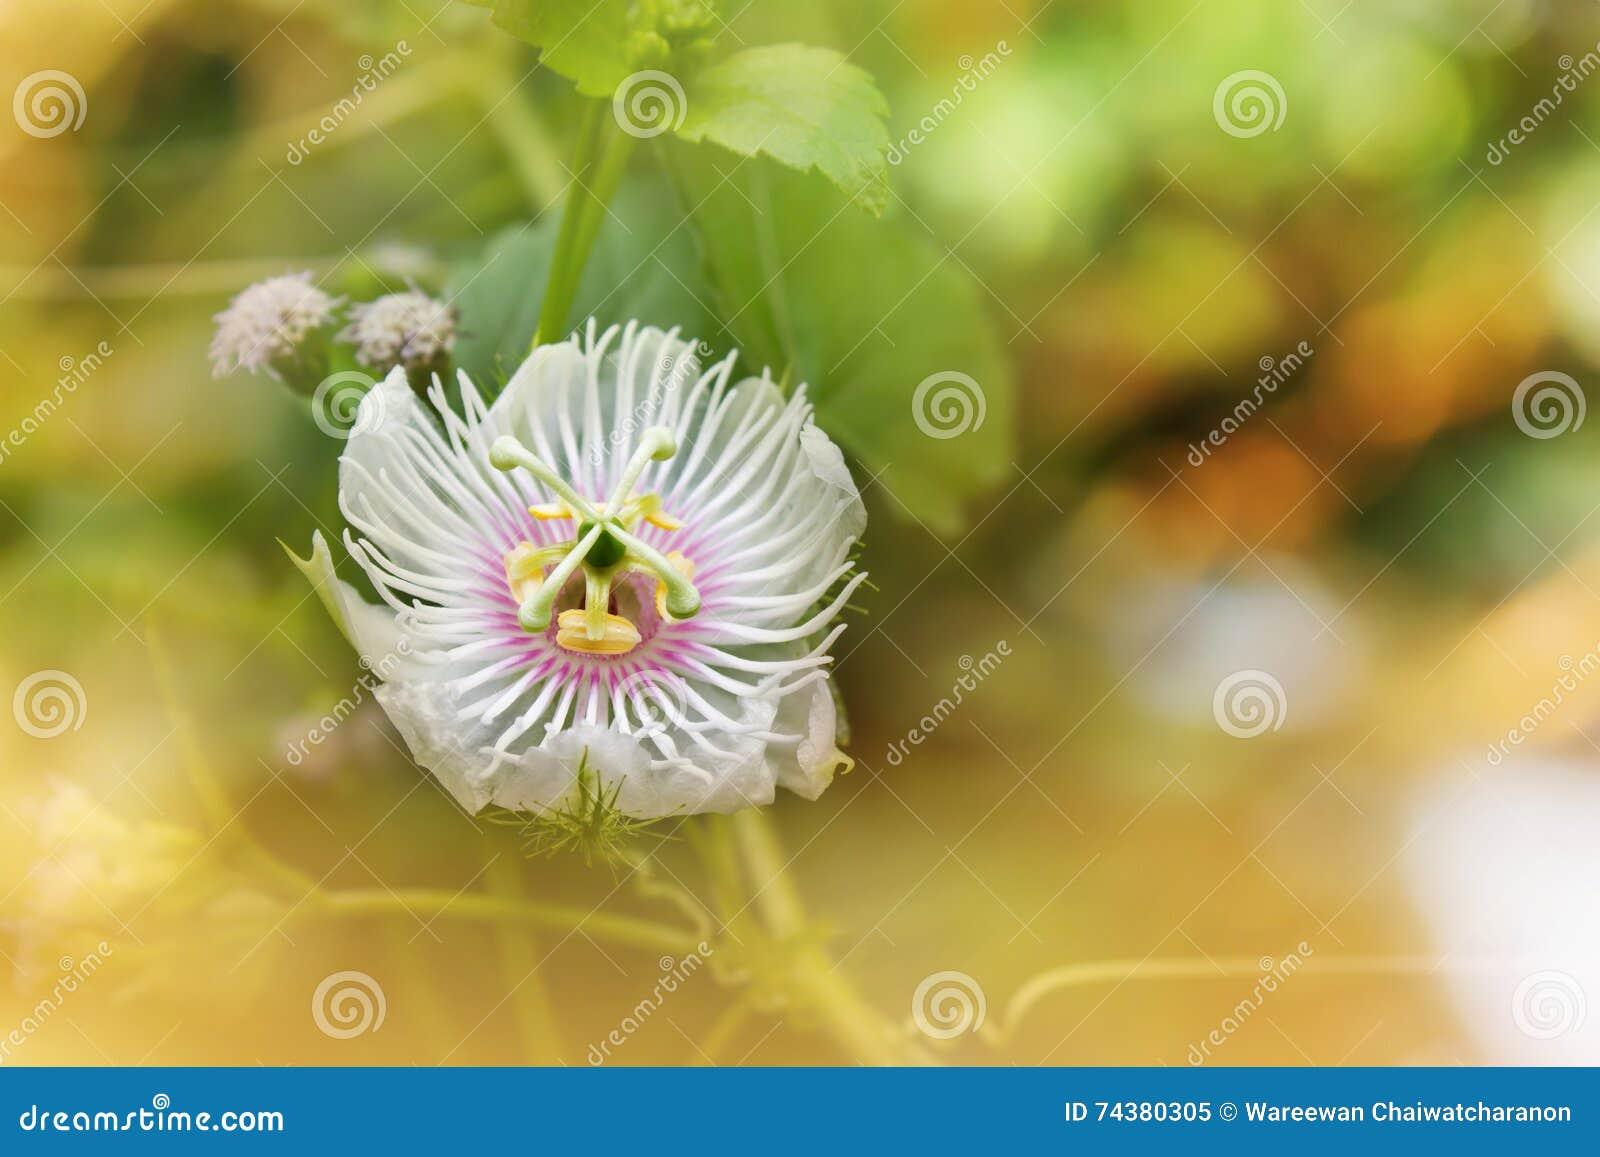 Fleur Blanche D Herbe Sauvage De Nature Romantique Passiflore Dans